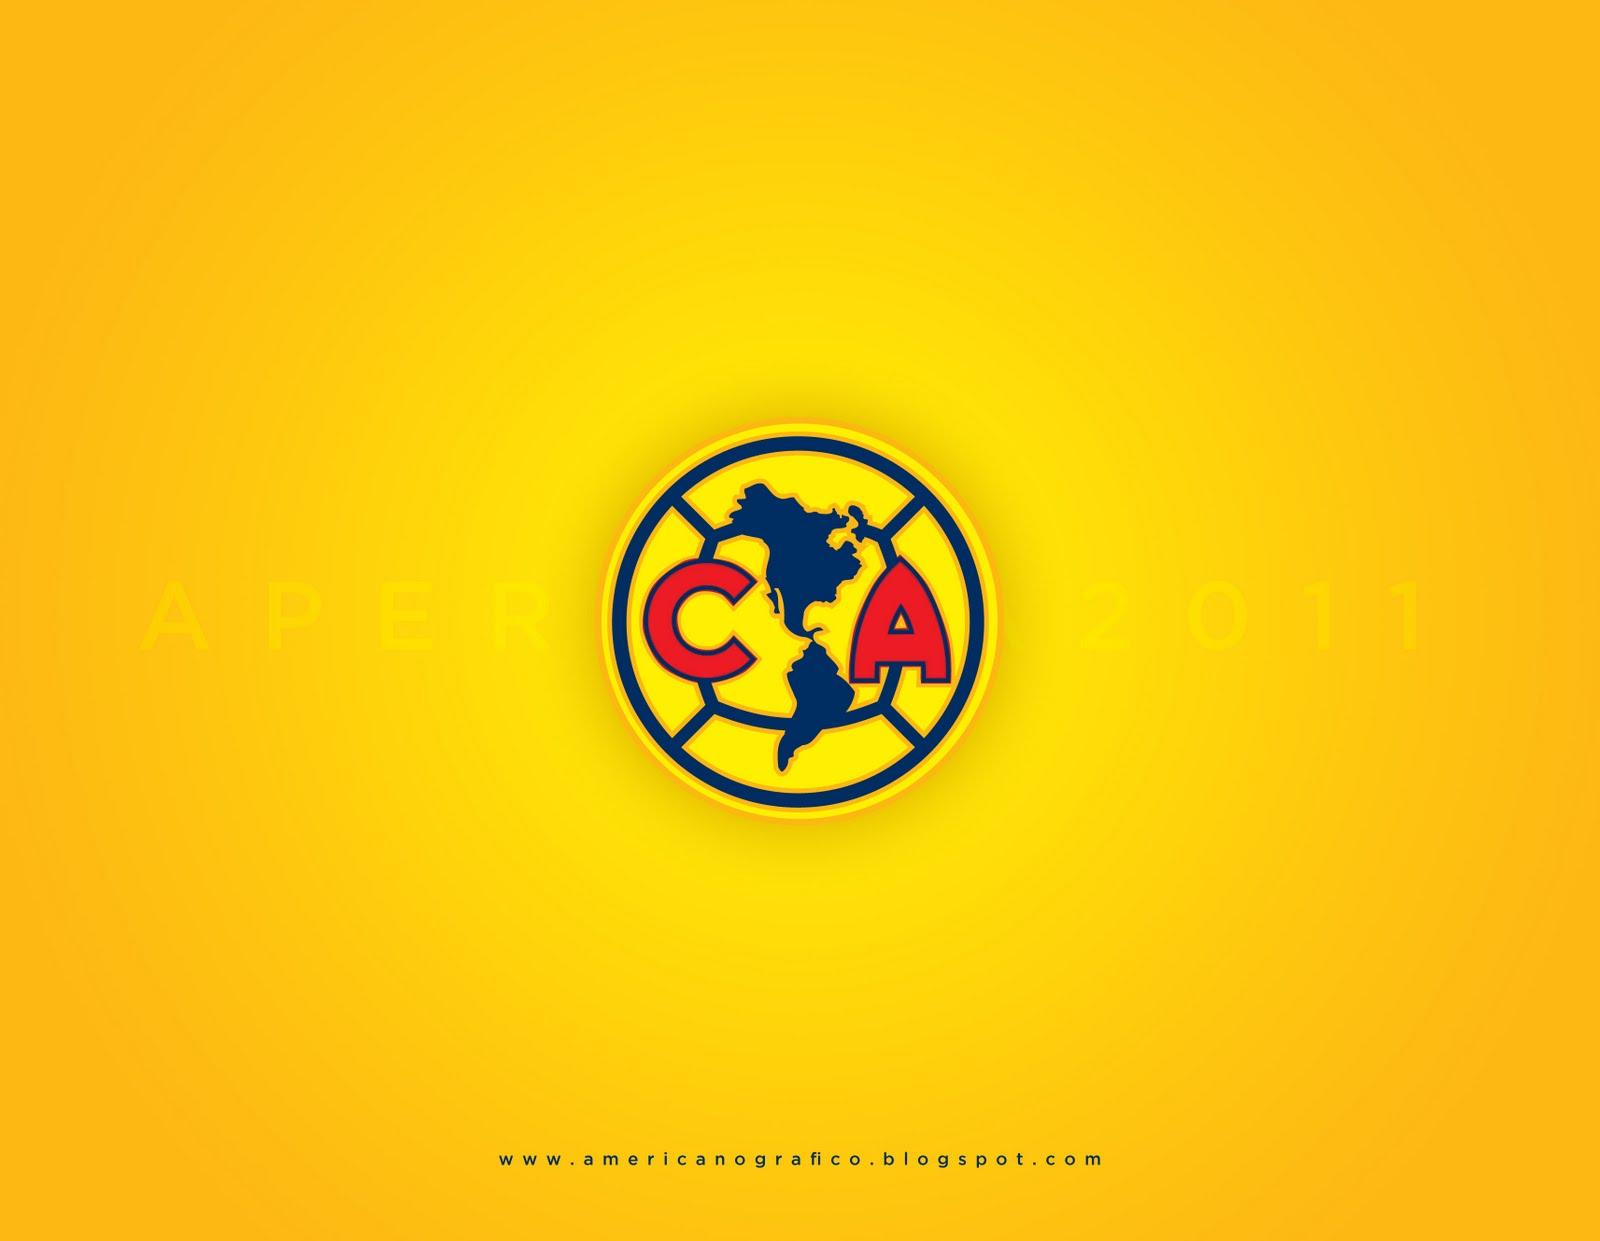 Club America HD Wallpapers - WallpaperSafari